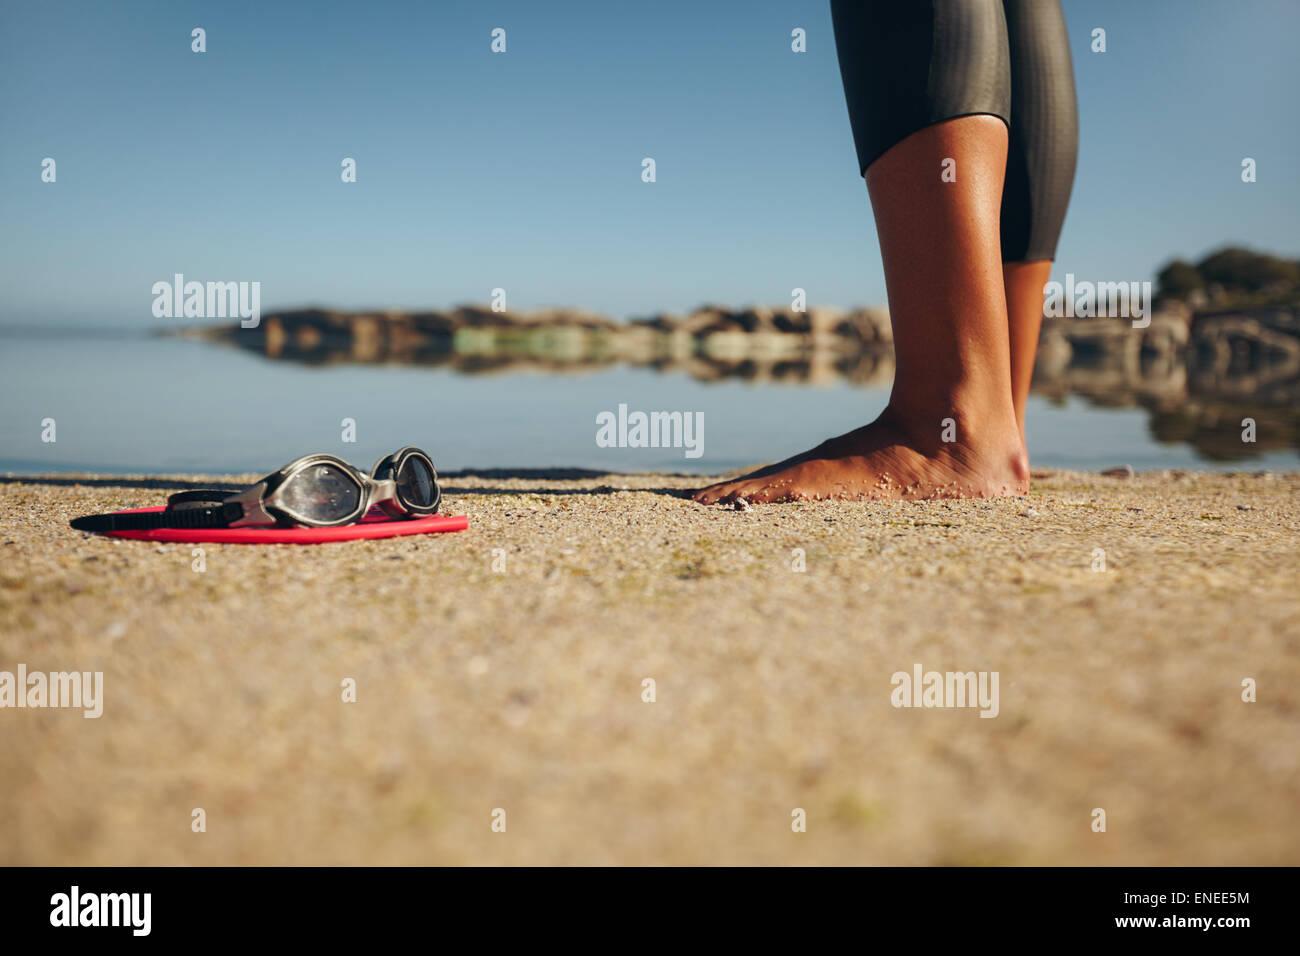 Gafas de natación en la arena con los pies de una mujer en pie. Centrarse en las gafas. Imagen De Stock